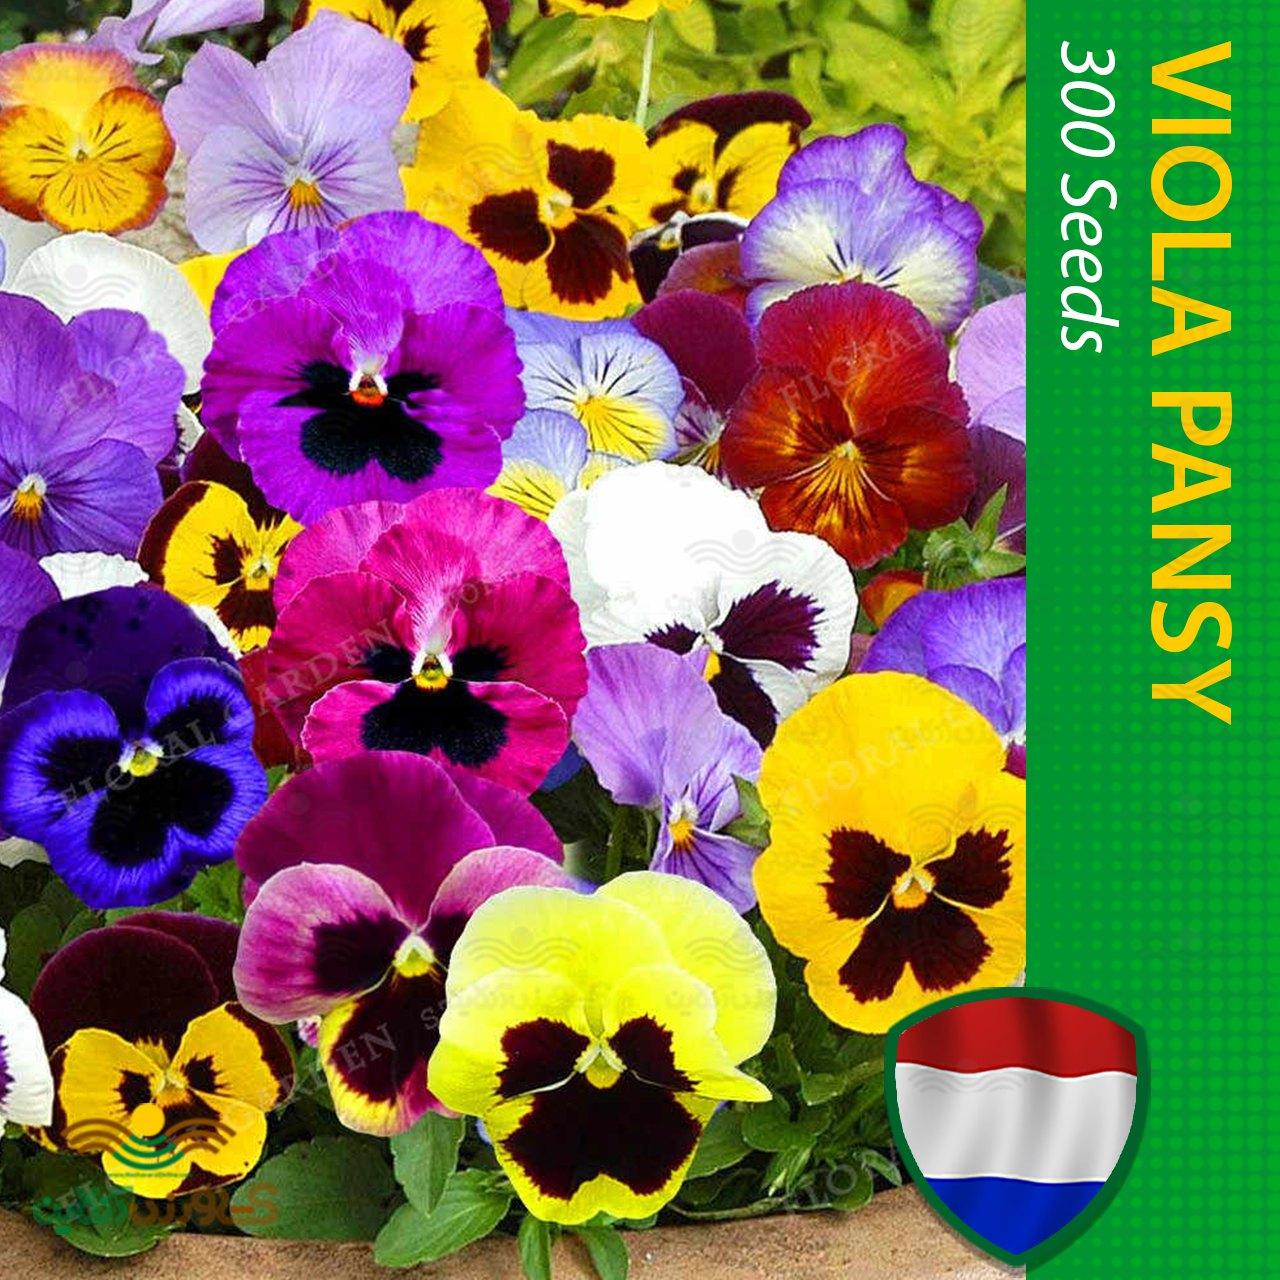 بذر گل بنفشه هلندی الوان